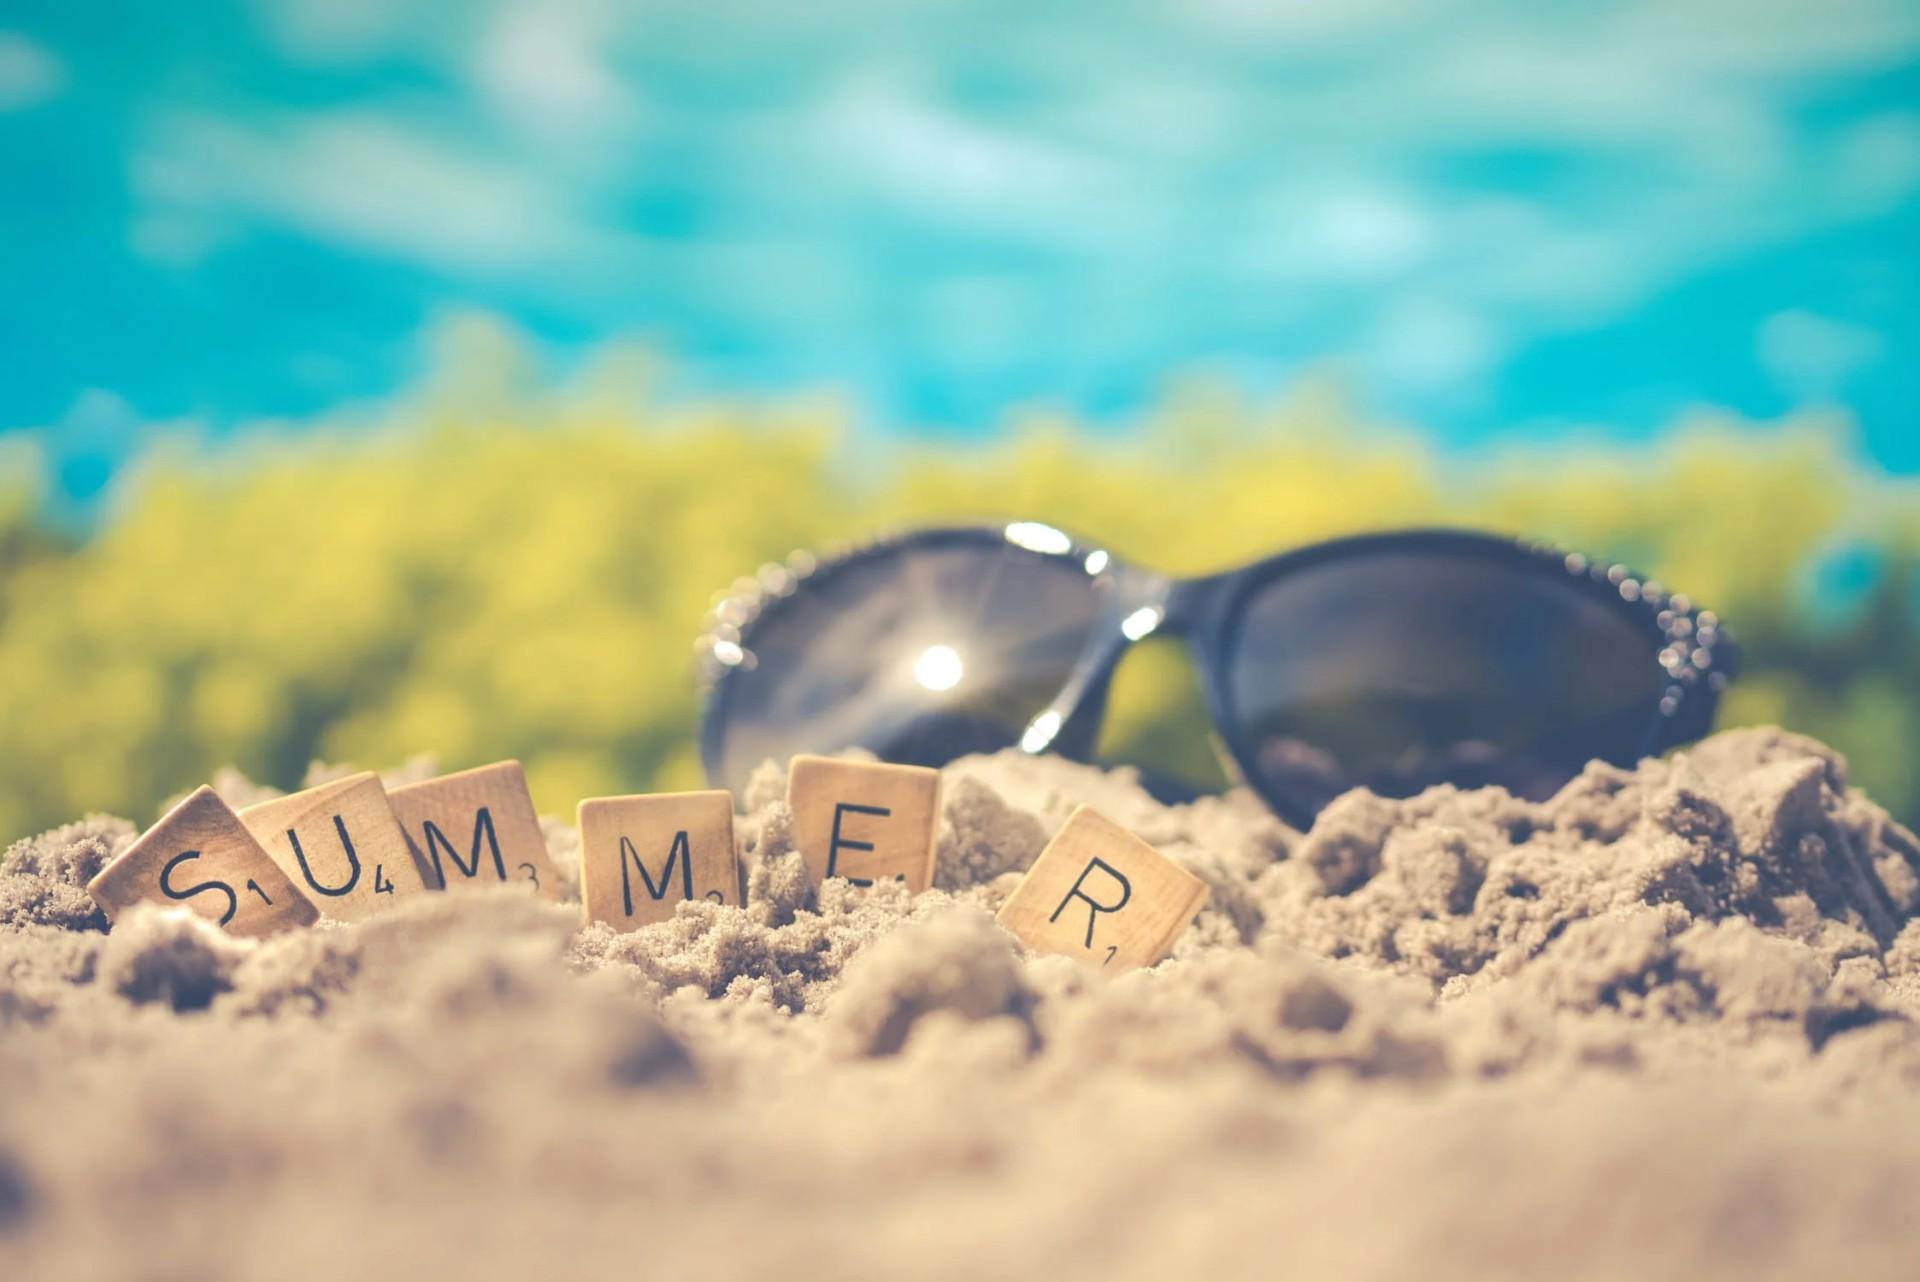 Eine schwarze Sonnenbrille liegt im Sand